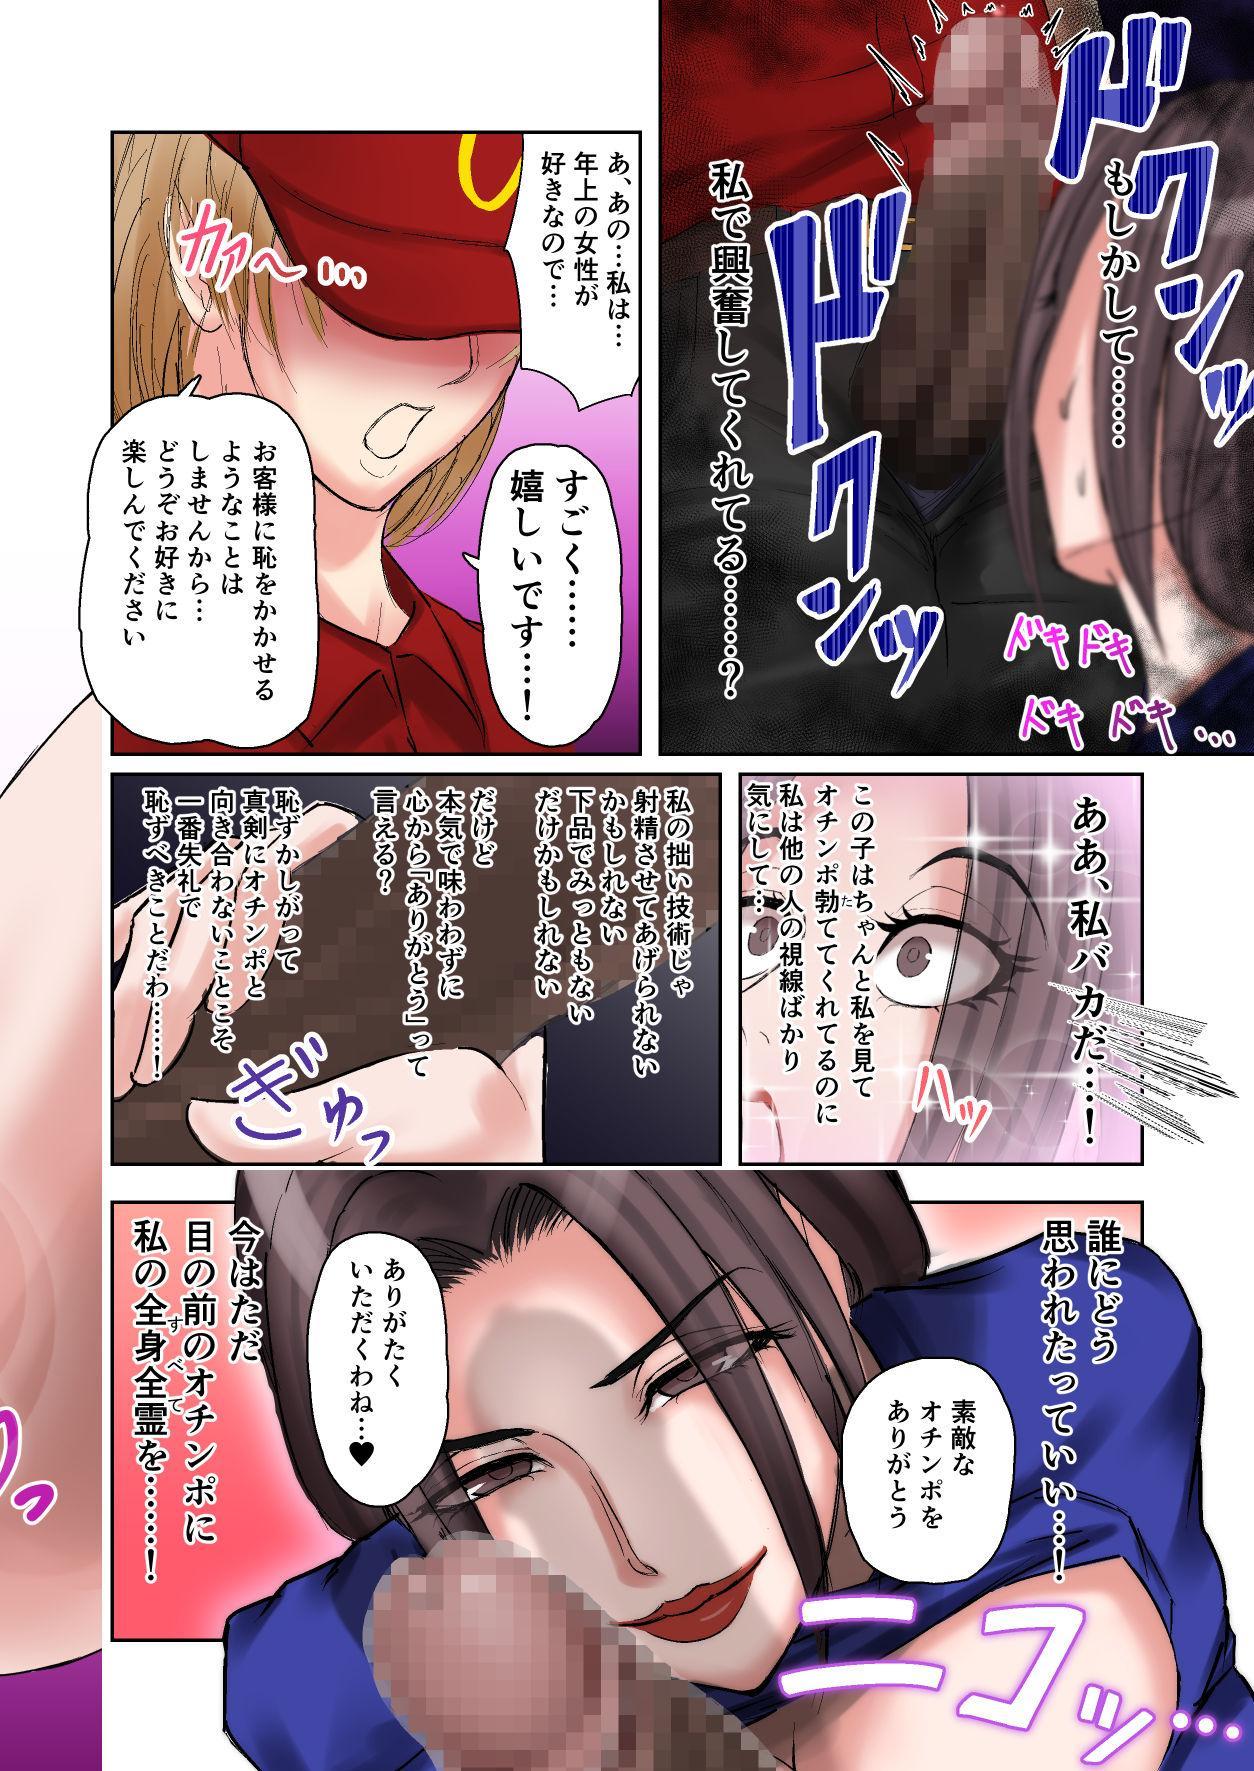 Machi Chuu ni Ochinpo no Aru Fuukei 38